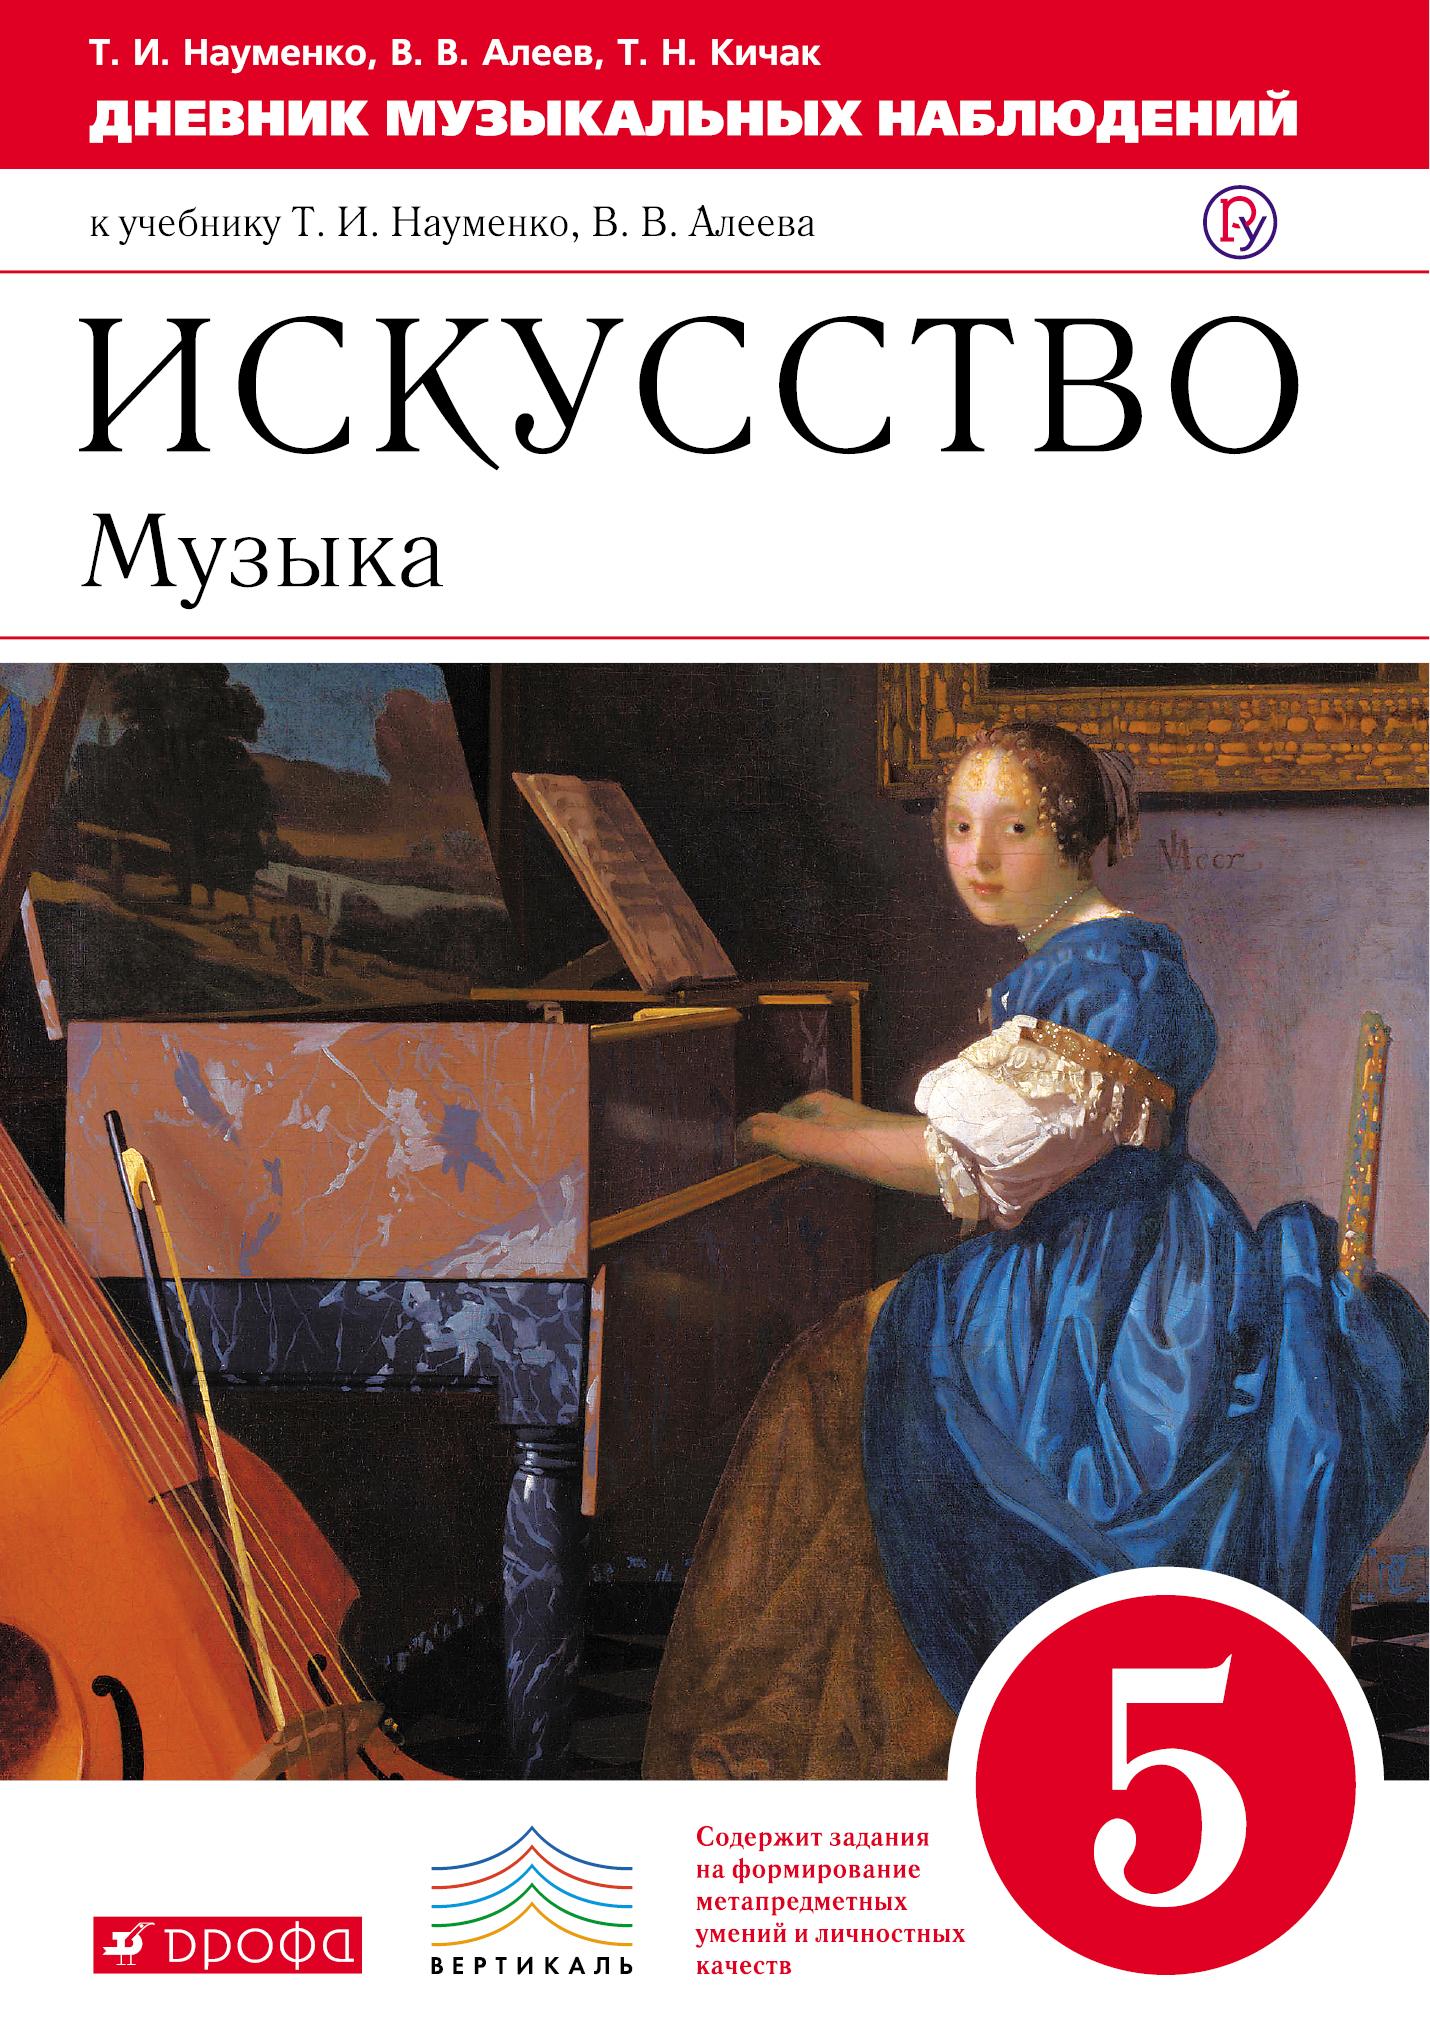 Дневник музыкальных наблюдений